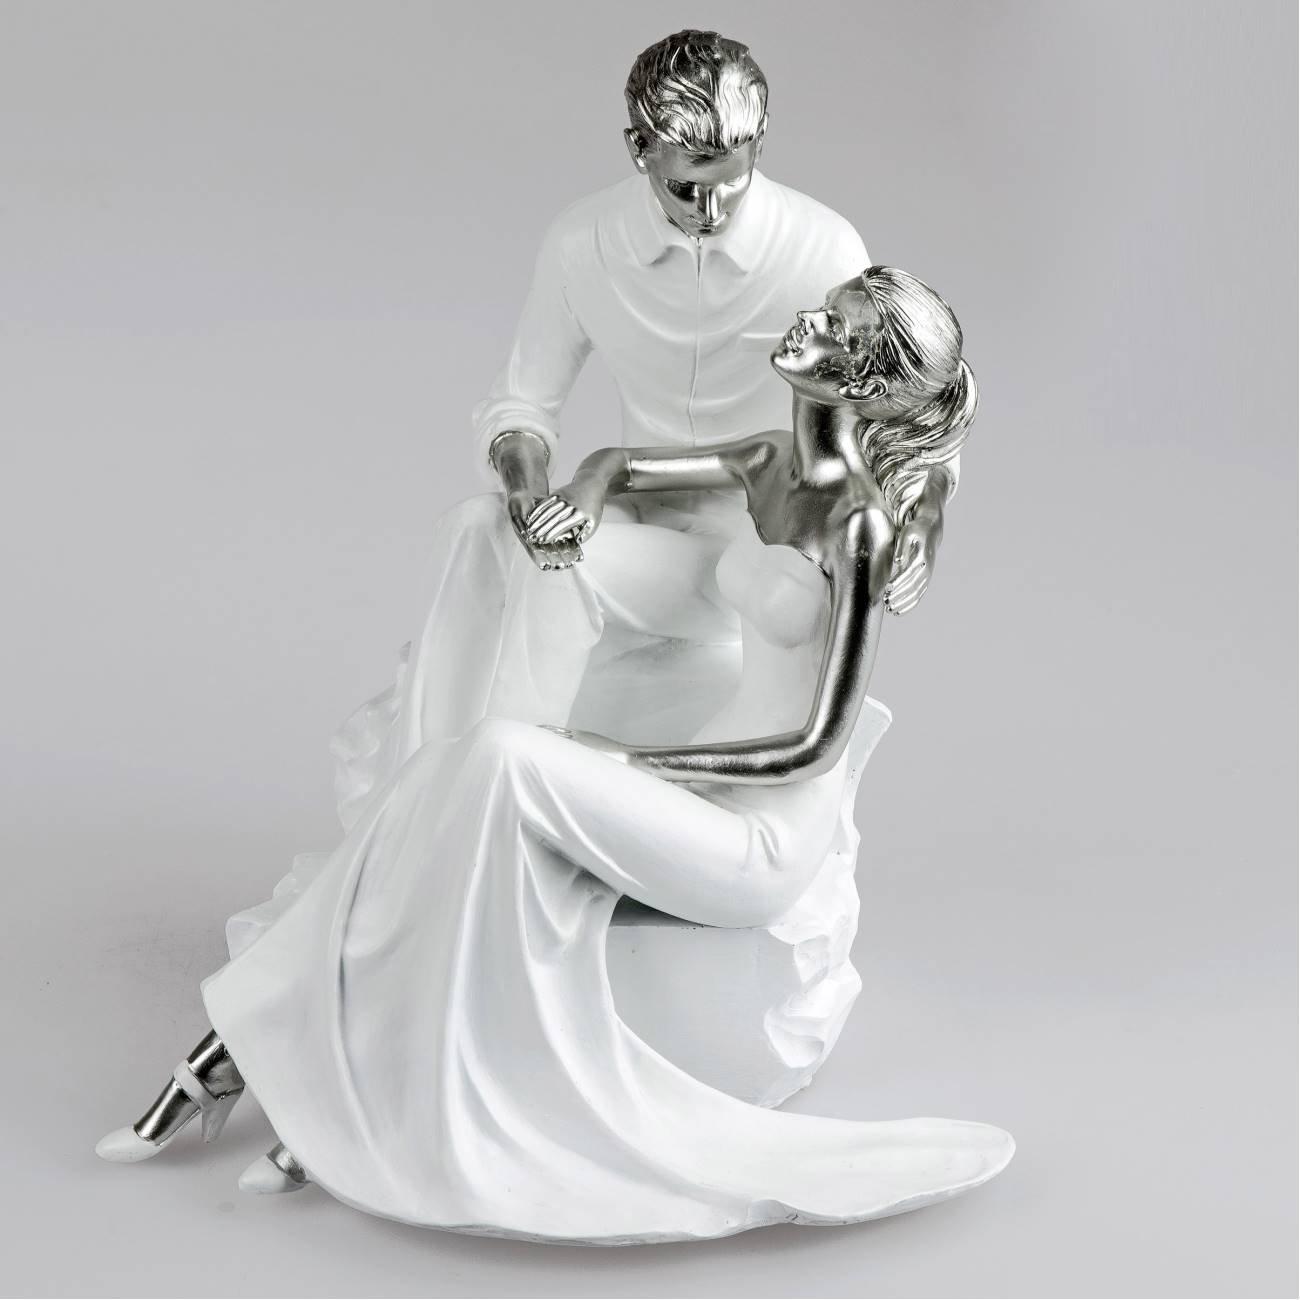 Formano Deko-Figur 'Paar sitzend', 28 cm, weiß-silber